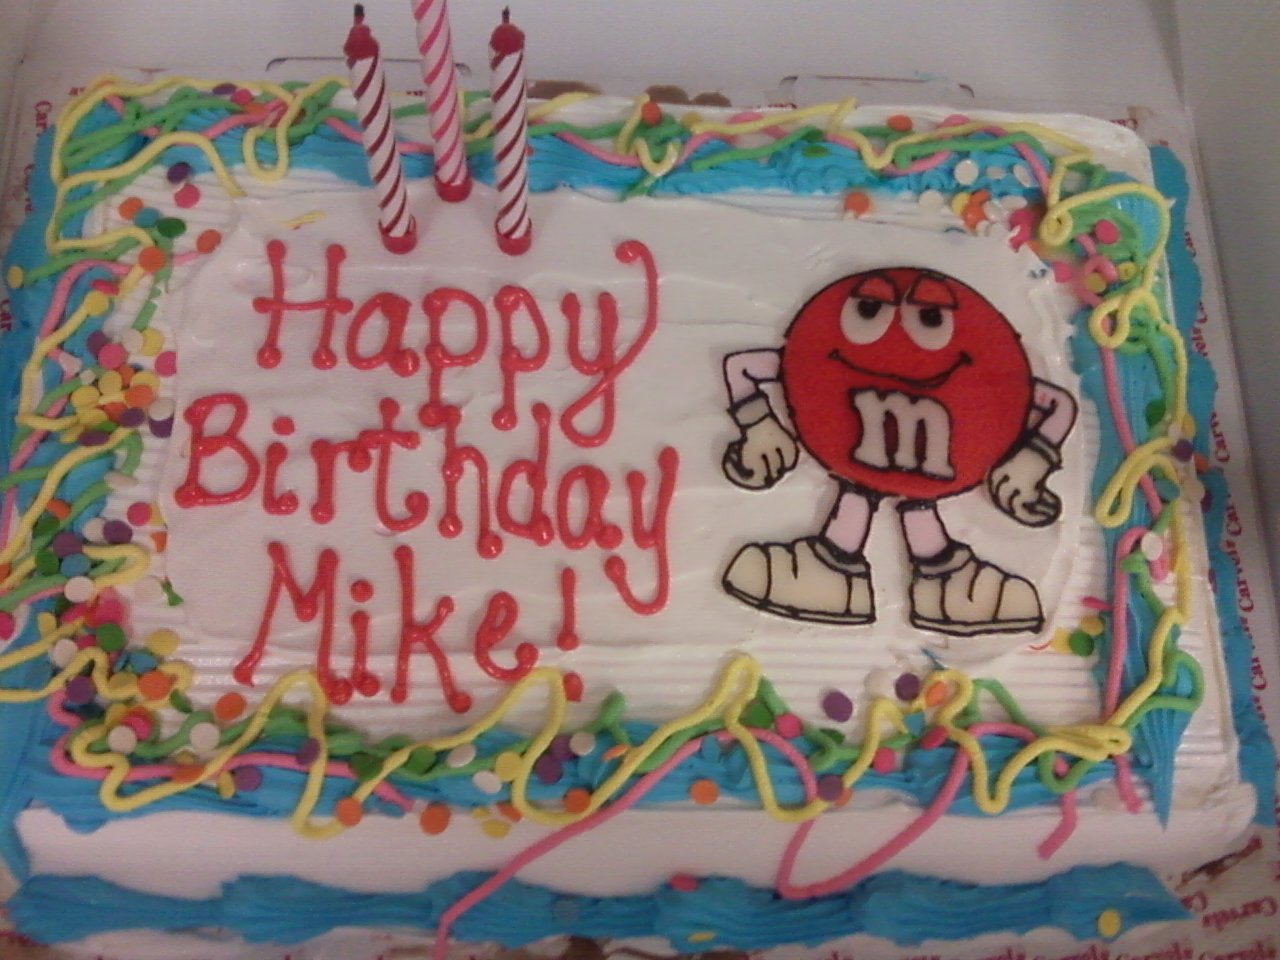 8 Happy Birthday Carvel Ice Cream Cakes Photo Carvel Ice Cream